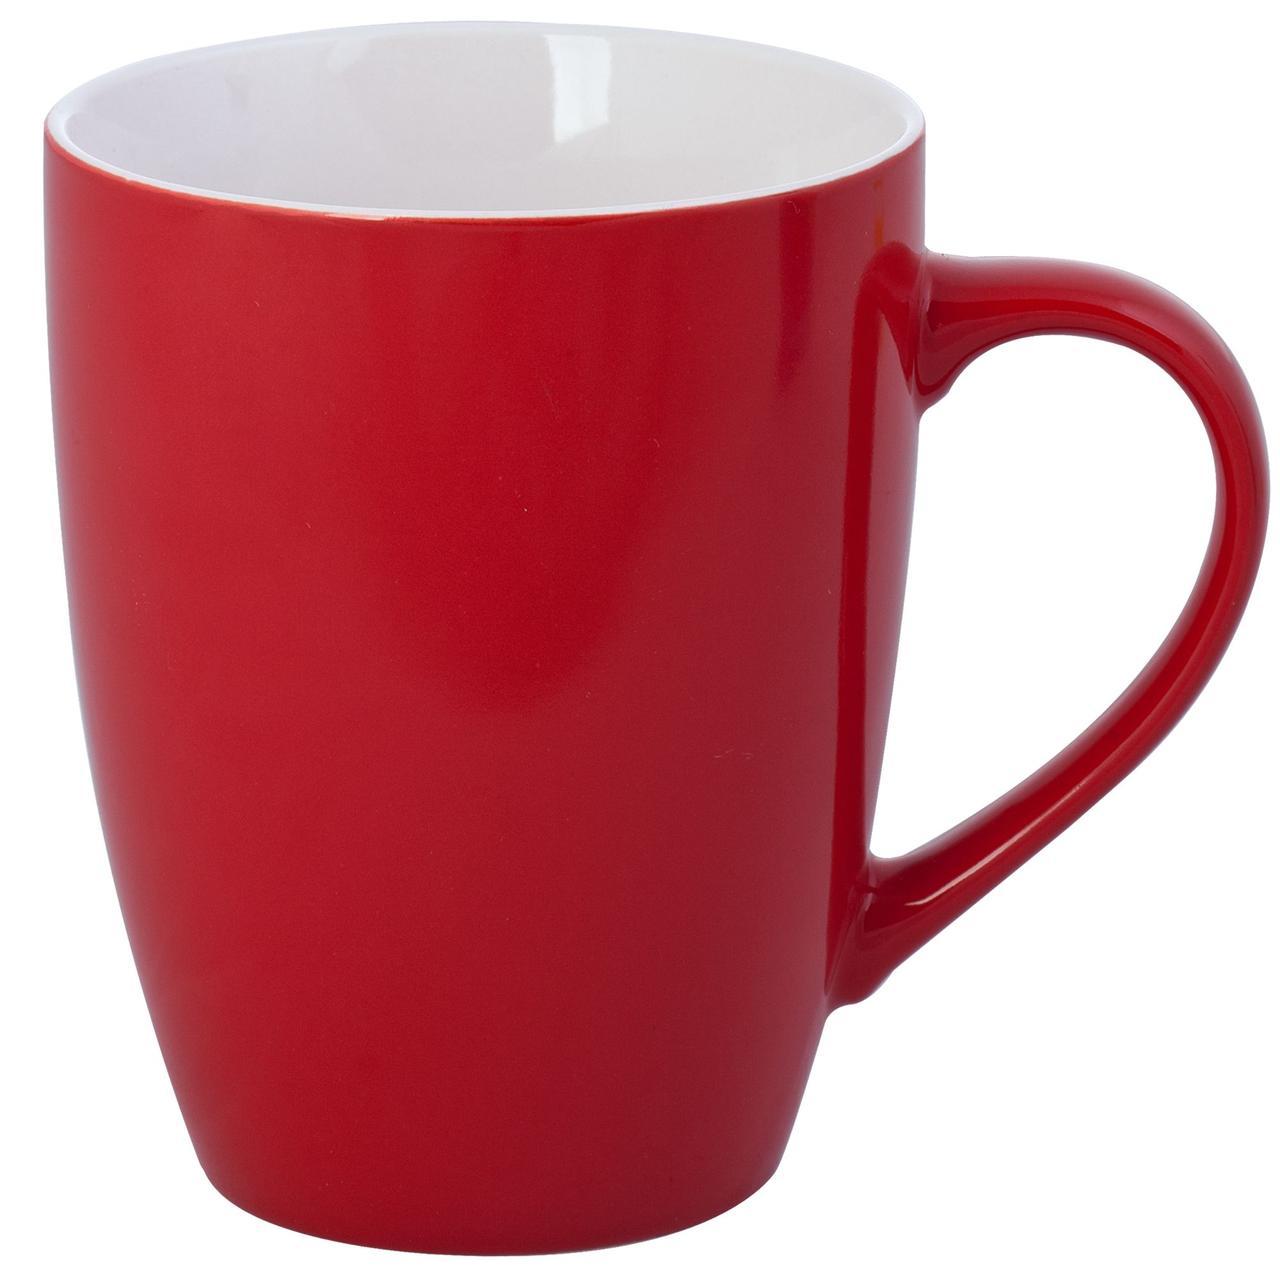 Кружка Good Morning, красная (артикул 6478.50)